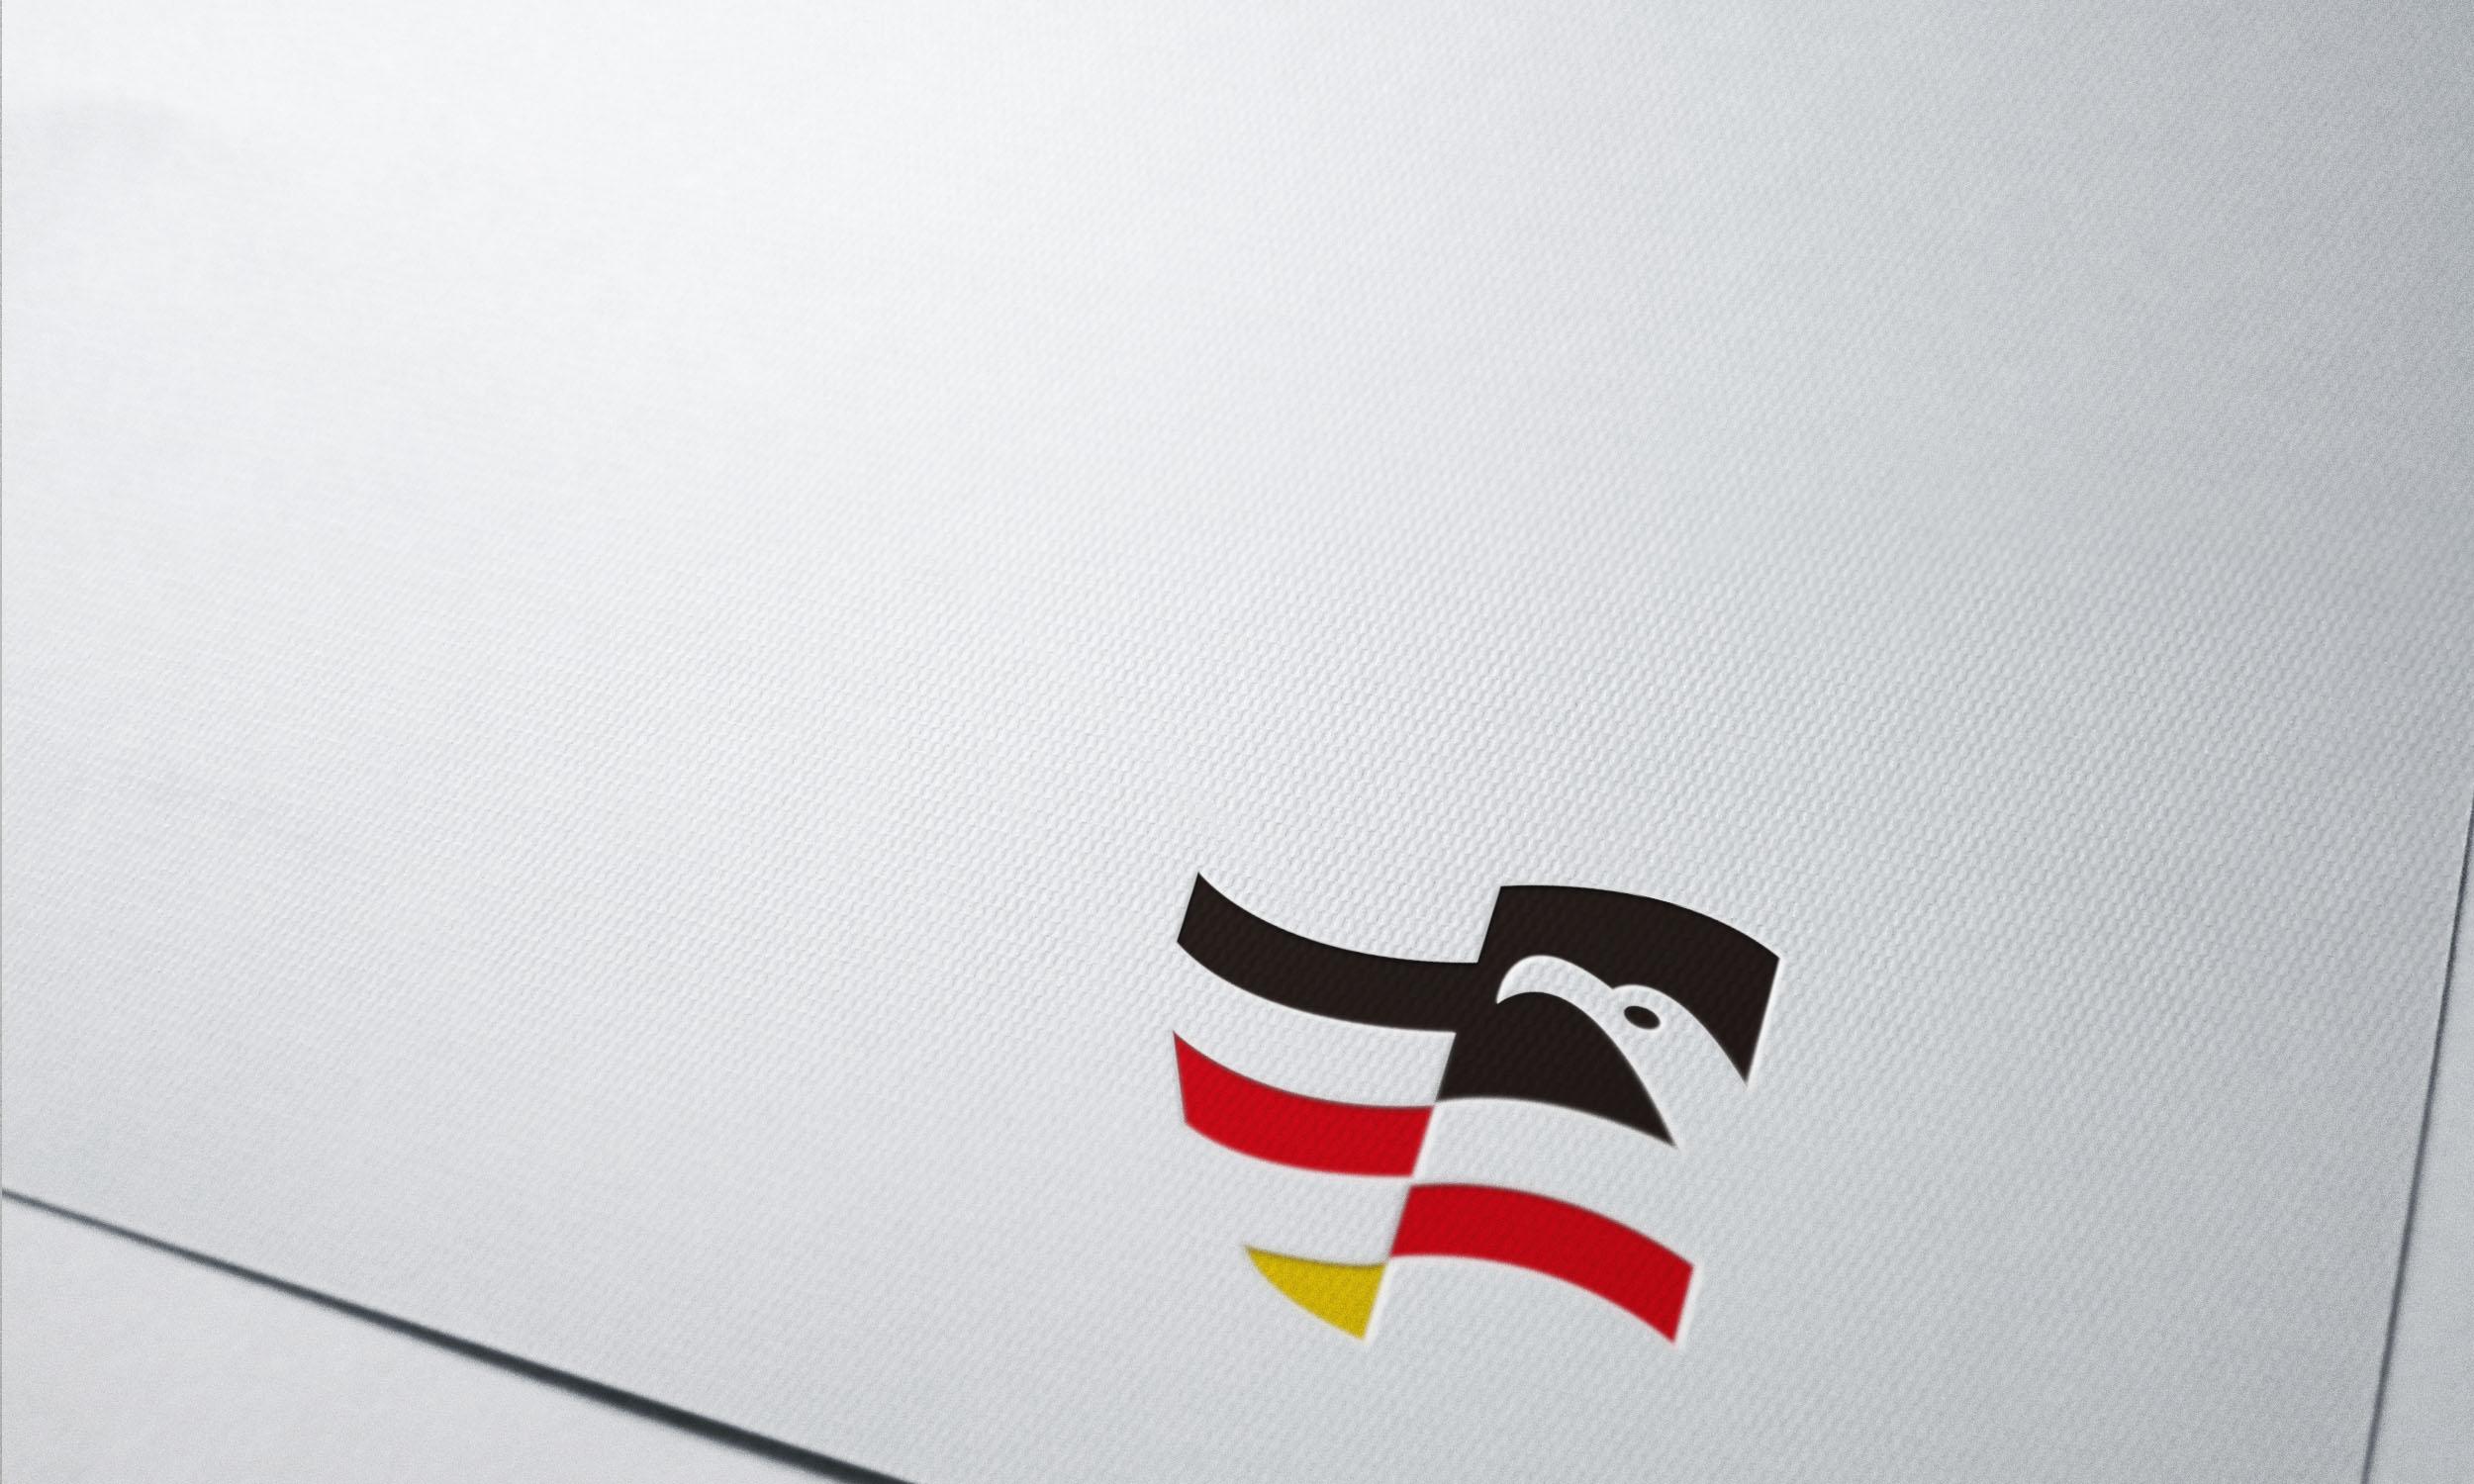 Logo修改或设计+网站小图标_3027366_k68威客网